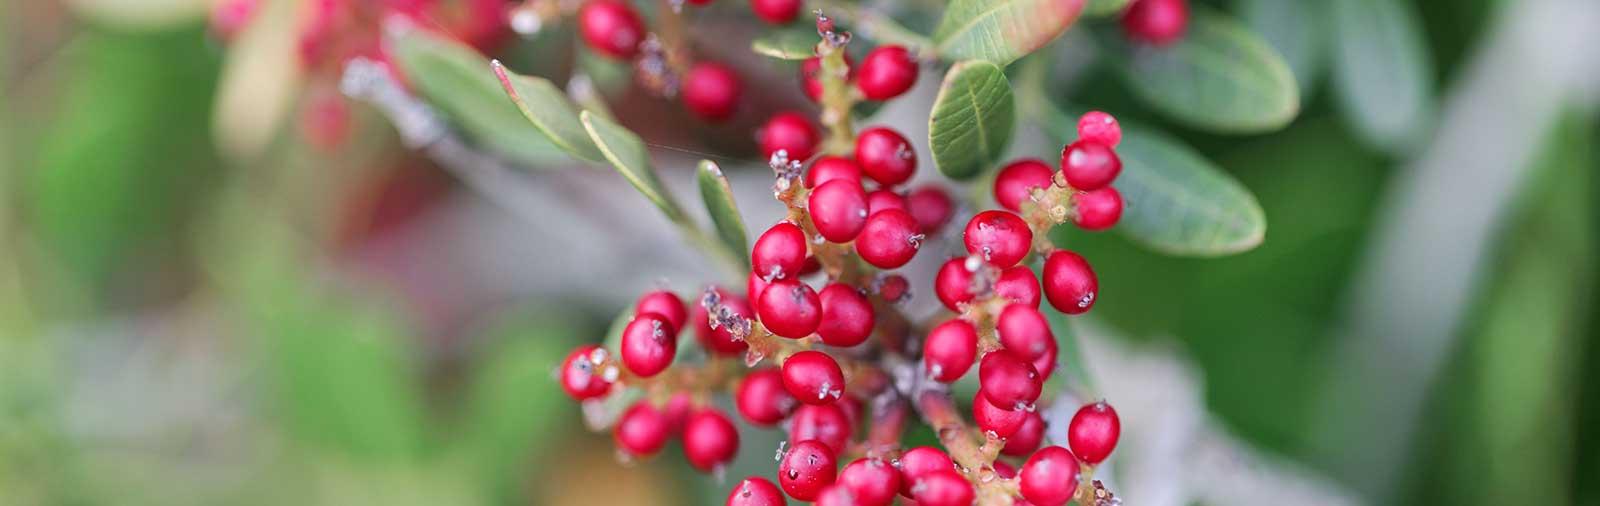 Lentisque - Pistacia lentiscus